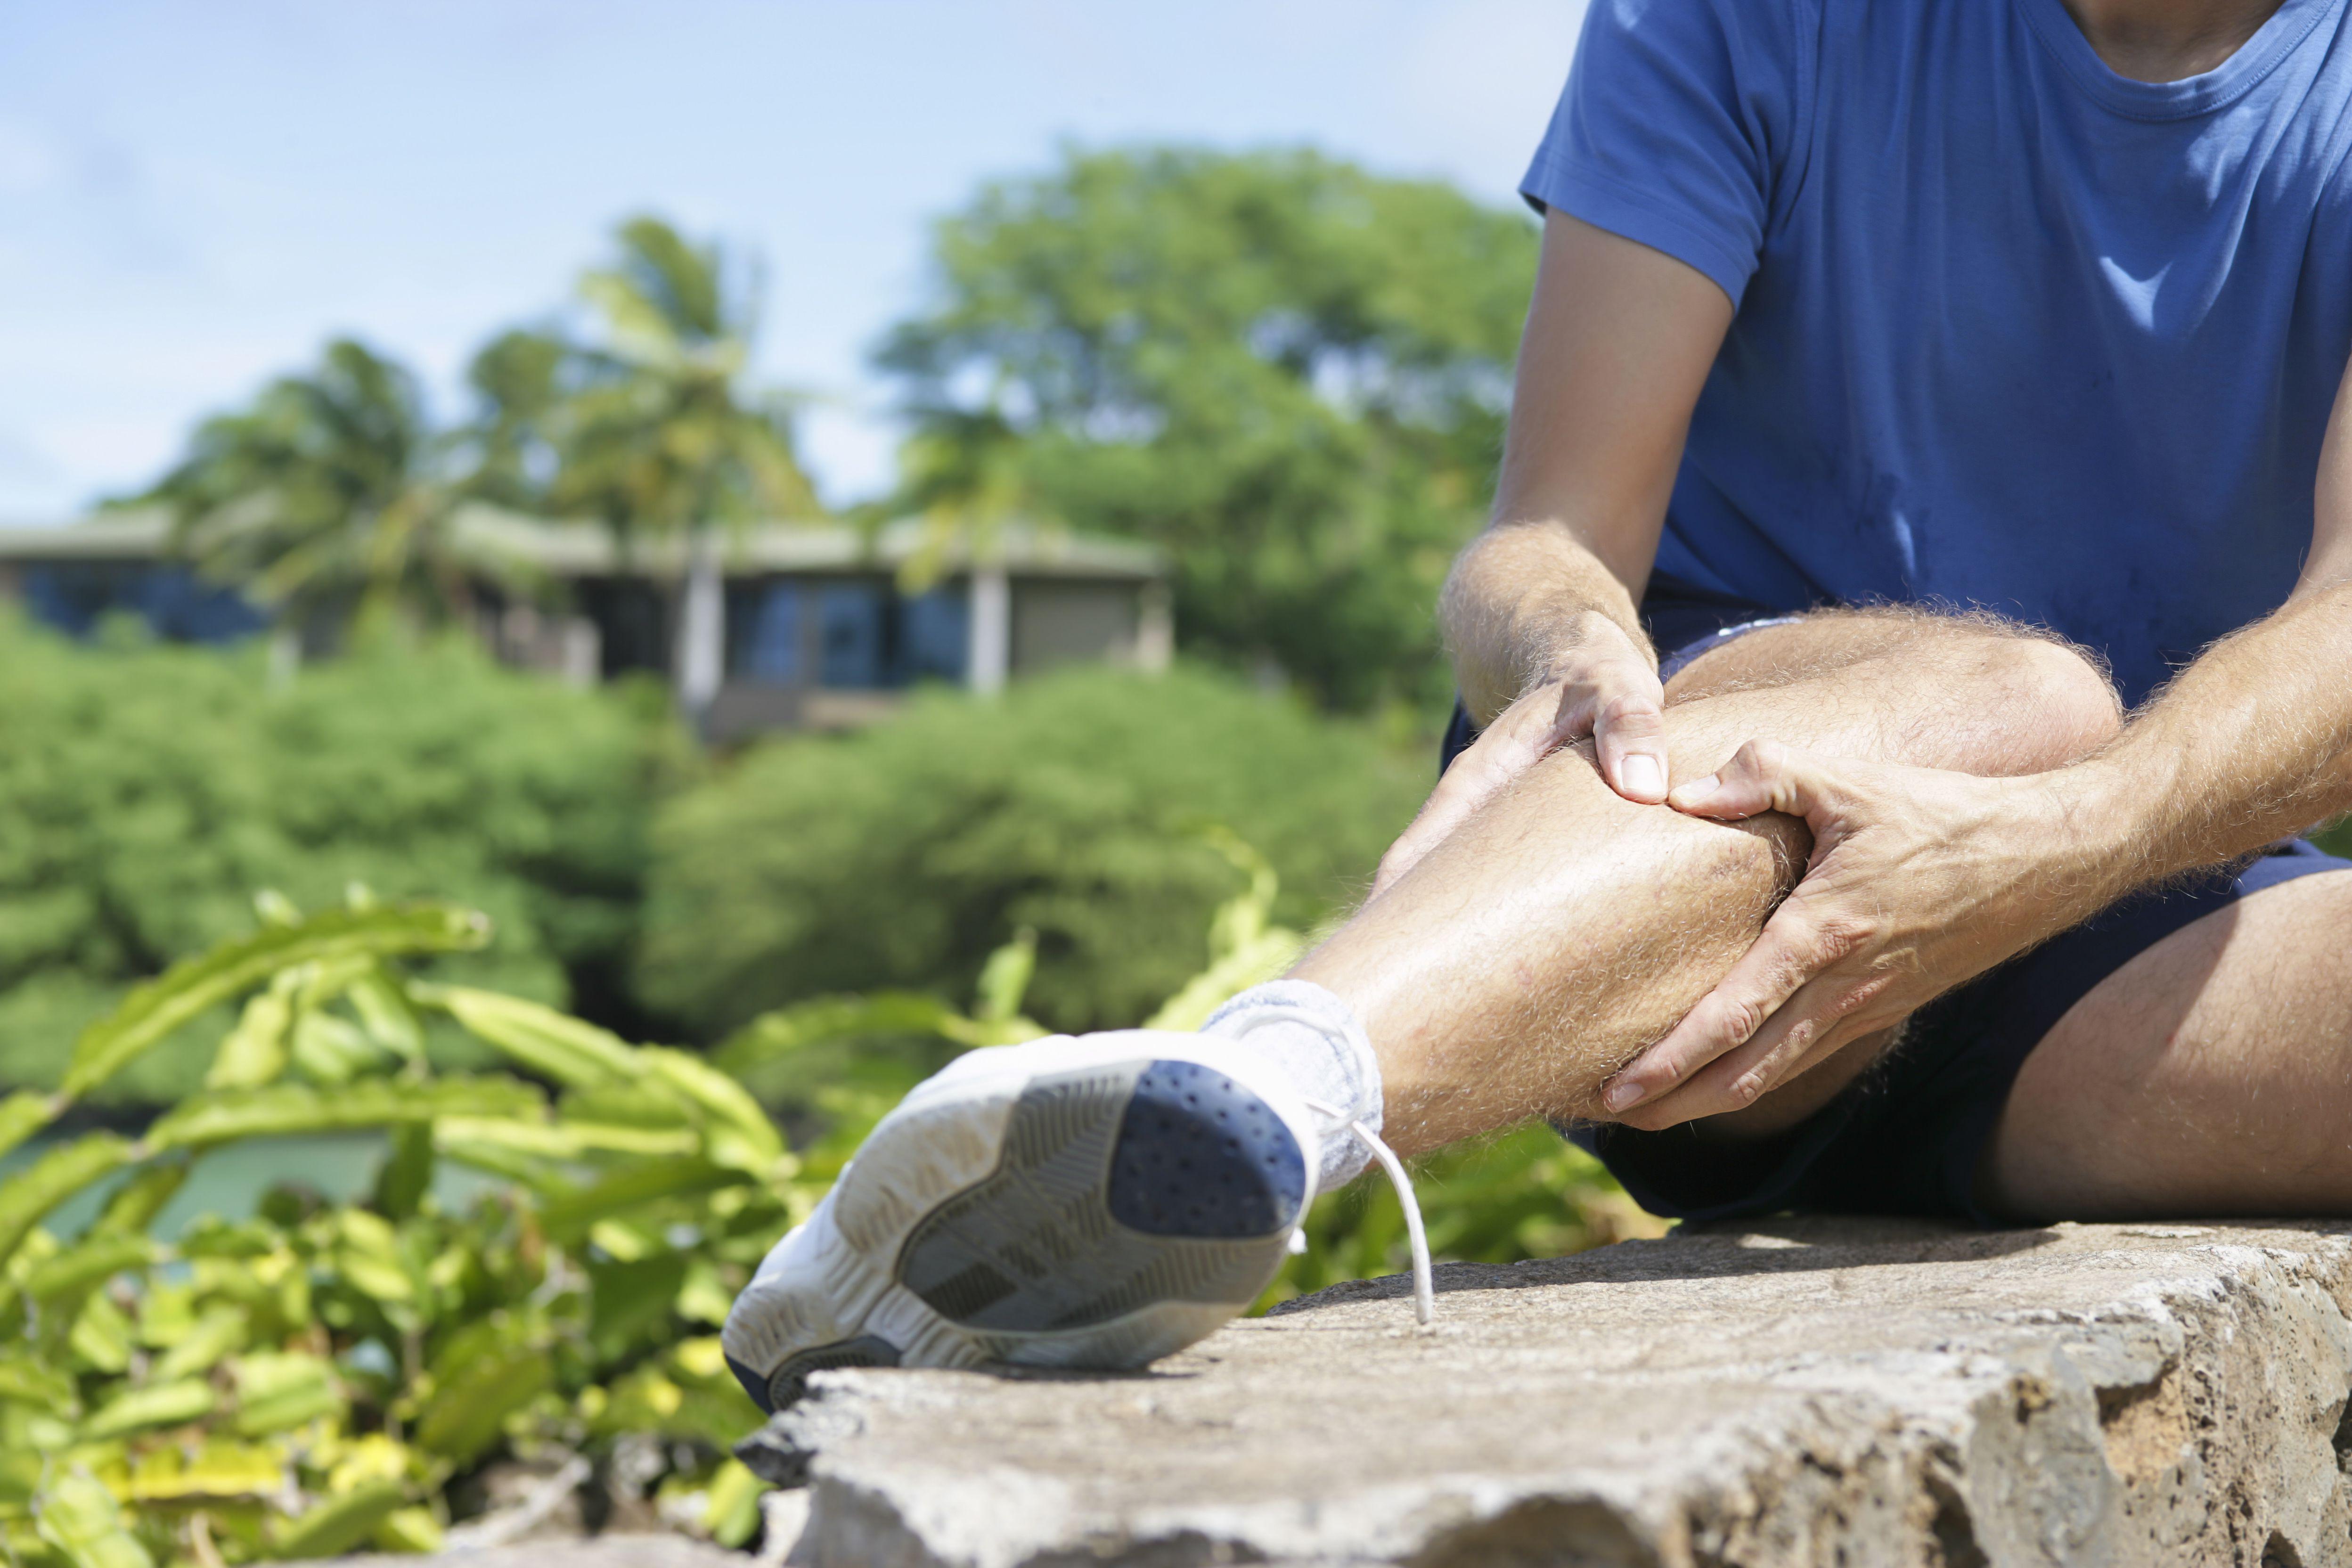 Runner holding leg in pain